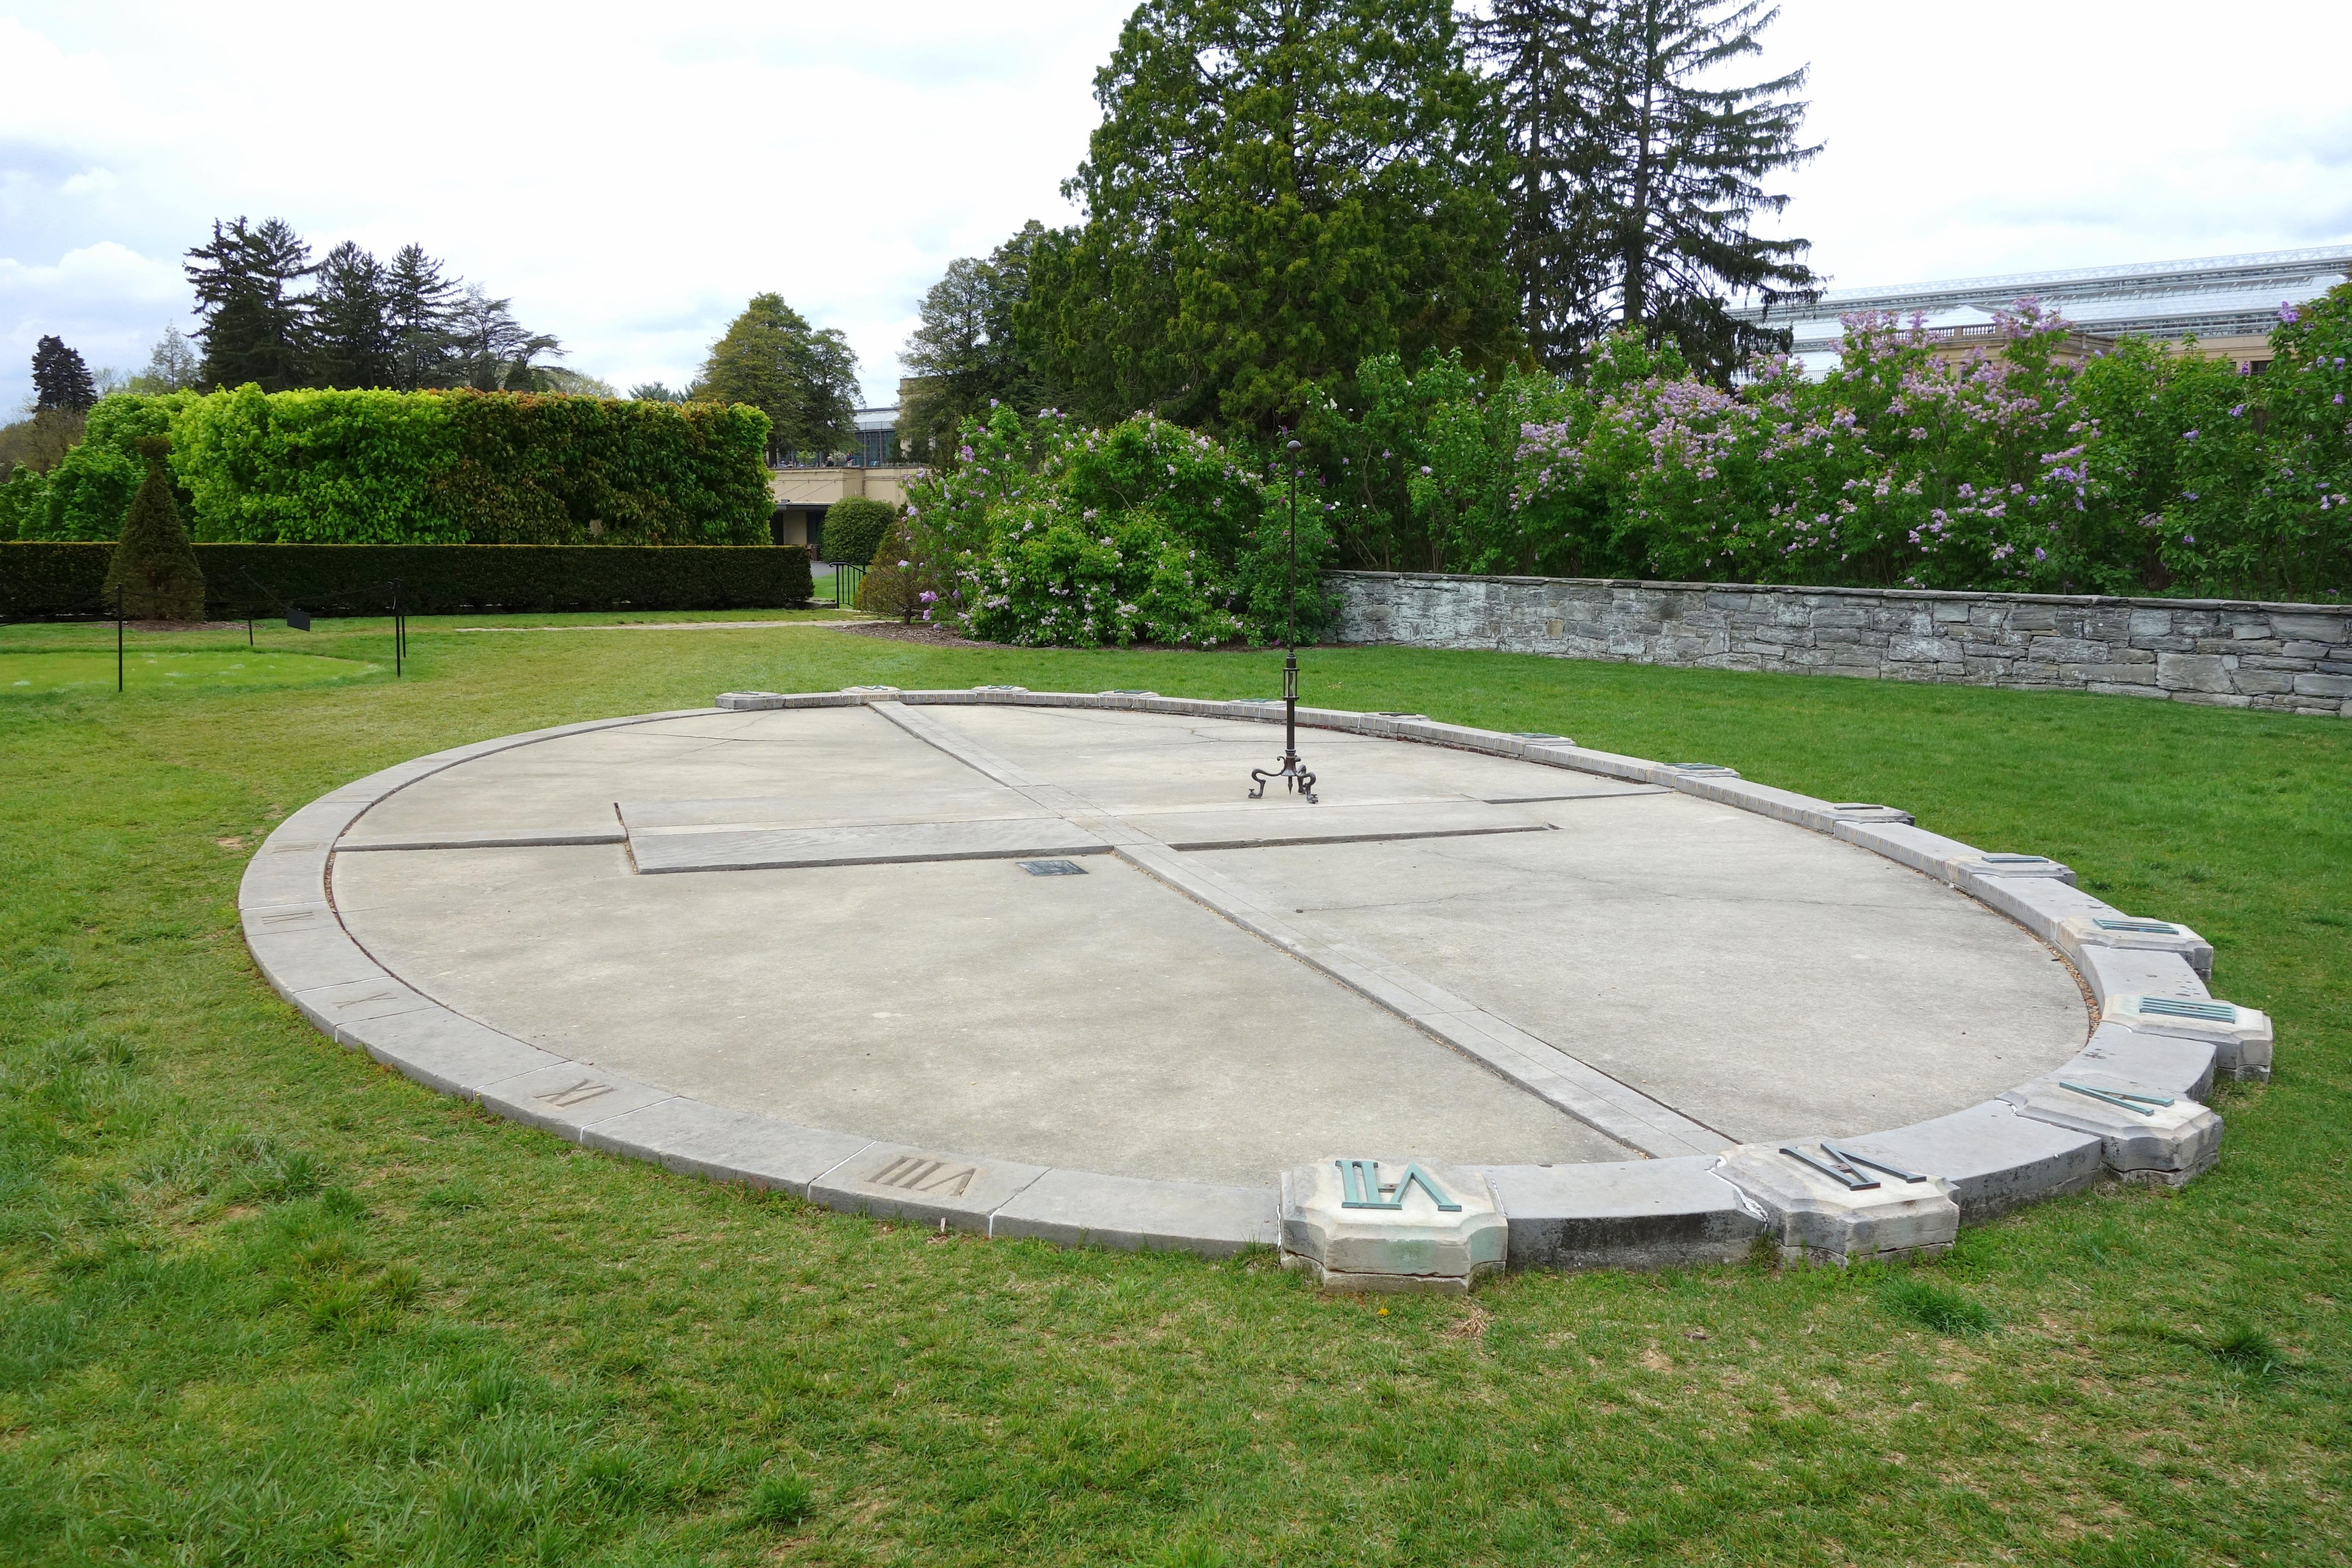 File:Analemmatic sundial - Longwood Gardens - DSC01018.JPG - Wikimedia ...: commons.wikimedia.org/wiki/File:Analemmatic_sundial_-_Longwood...